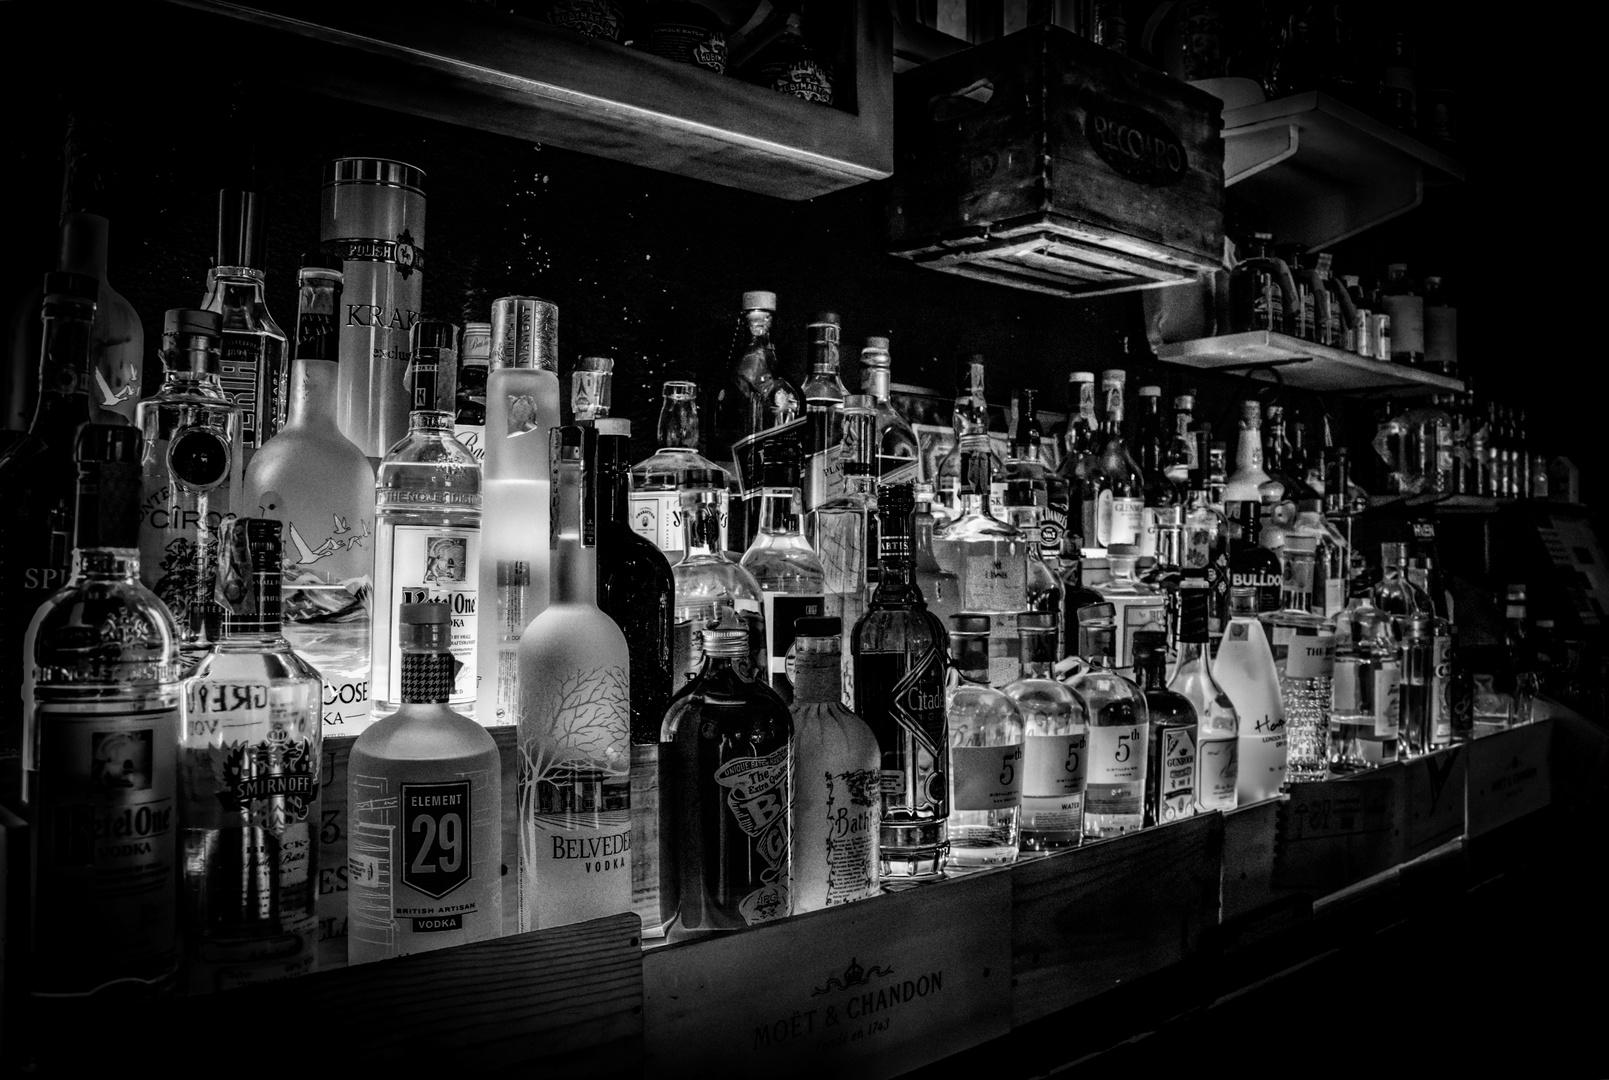 Hausbar Foto & Bild | party, licht, musik Bilder auf fotocommunity